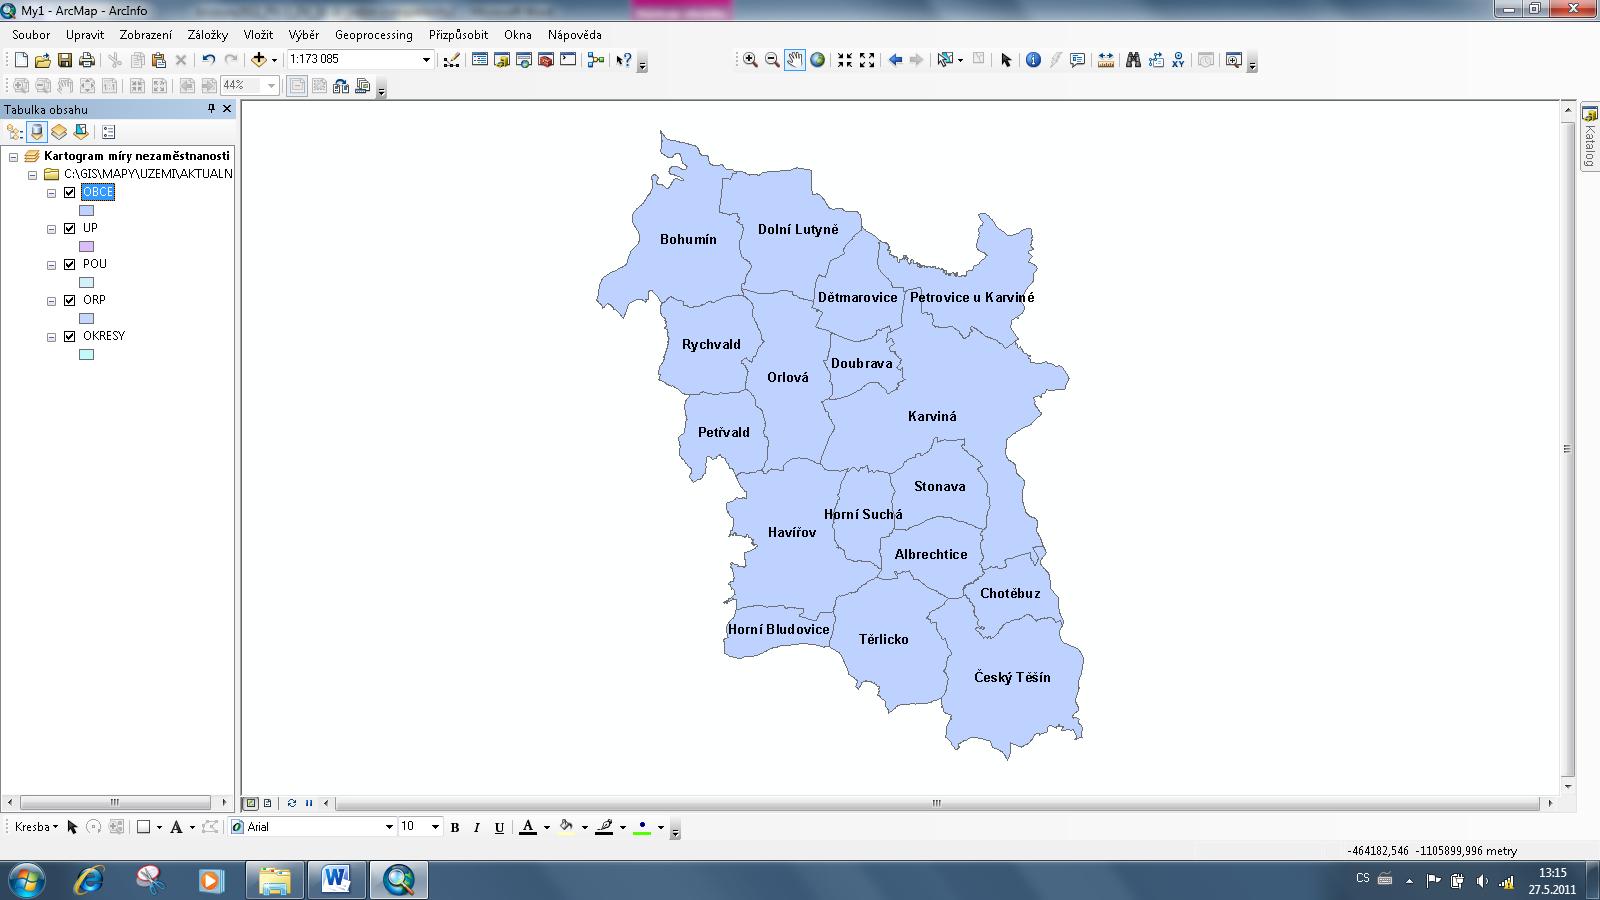 Zobrazení popisků v mapě